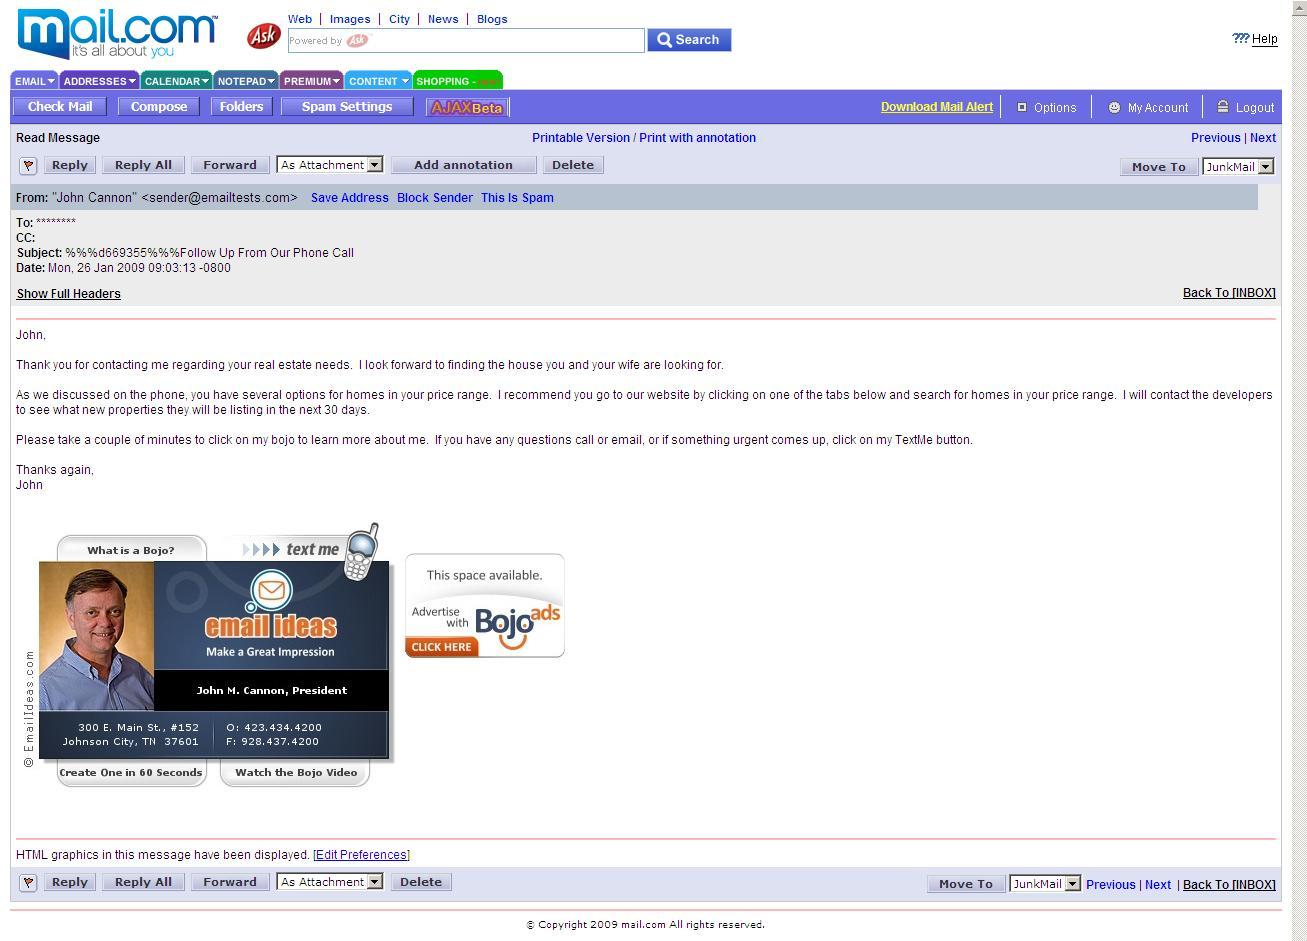 Schermata del servizio Mail.com